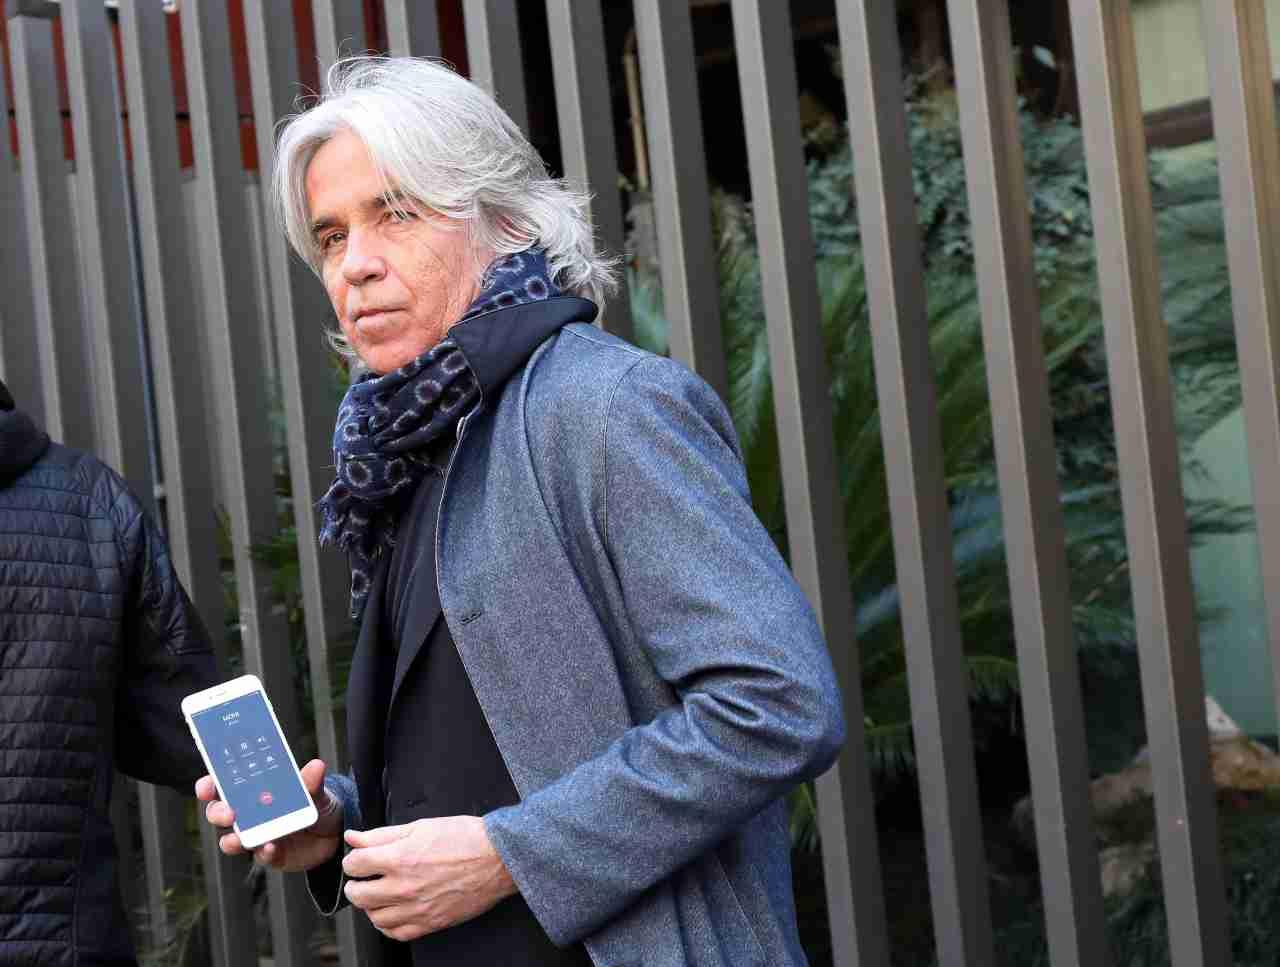 Inter, niente conferenza per Conte per protesta contro il Corriere dello Sport